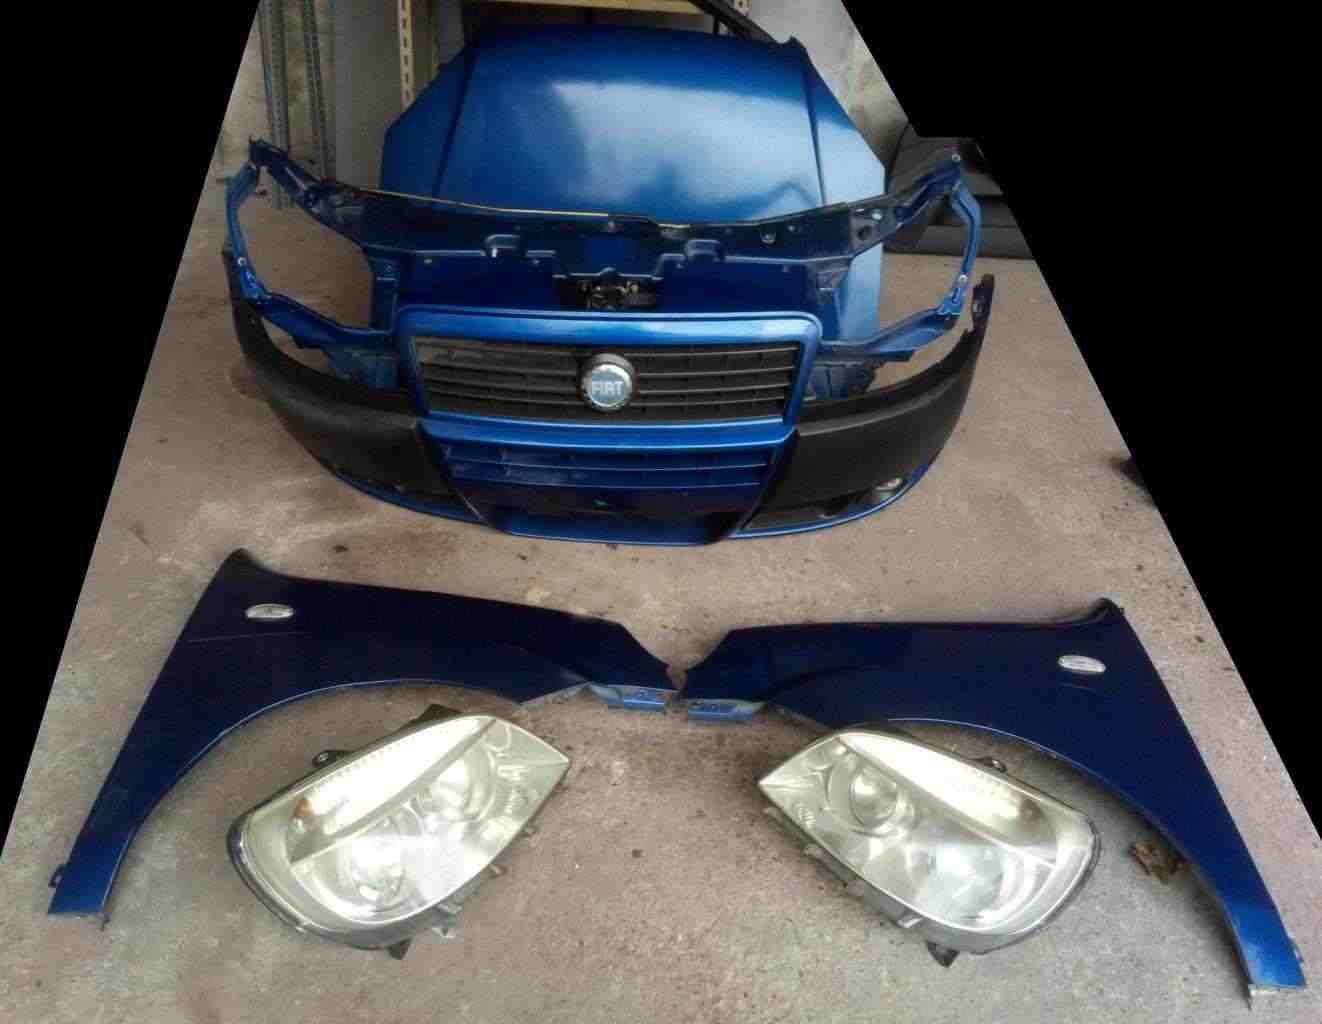 Musata frontale Fiat Doblò 1300 mjet anno 2007